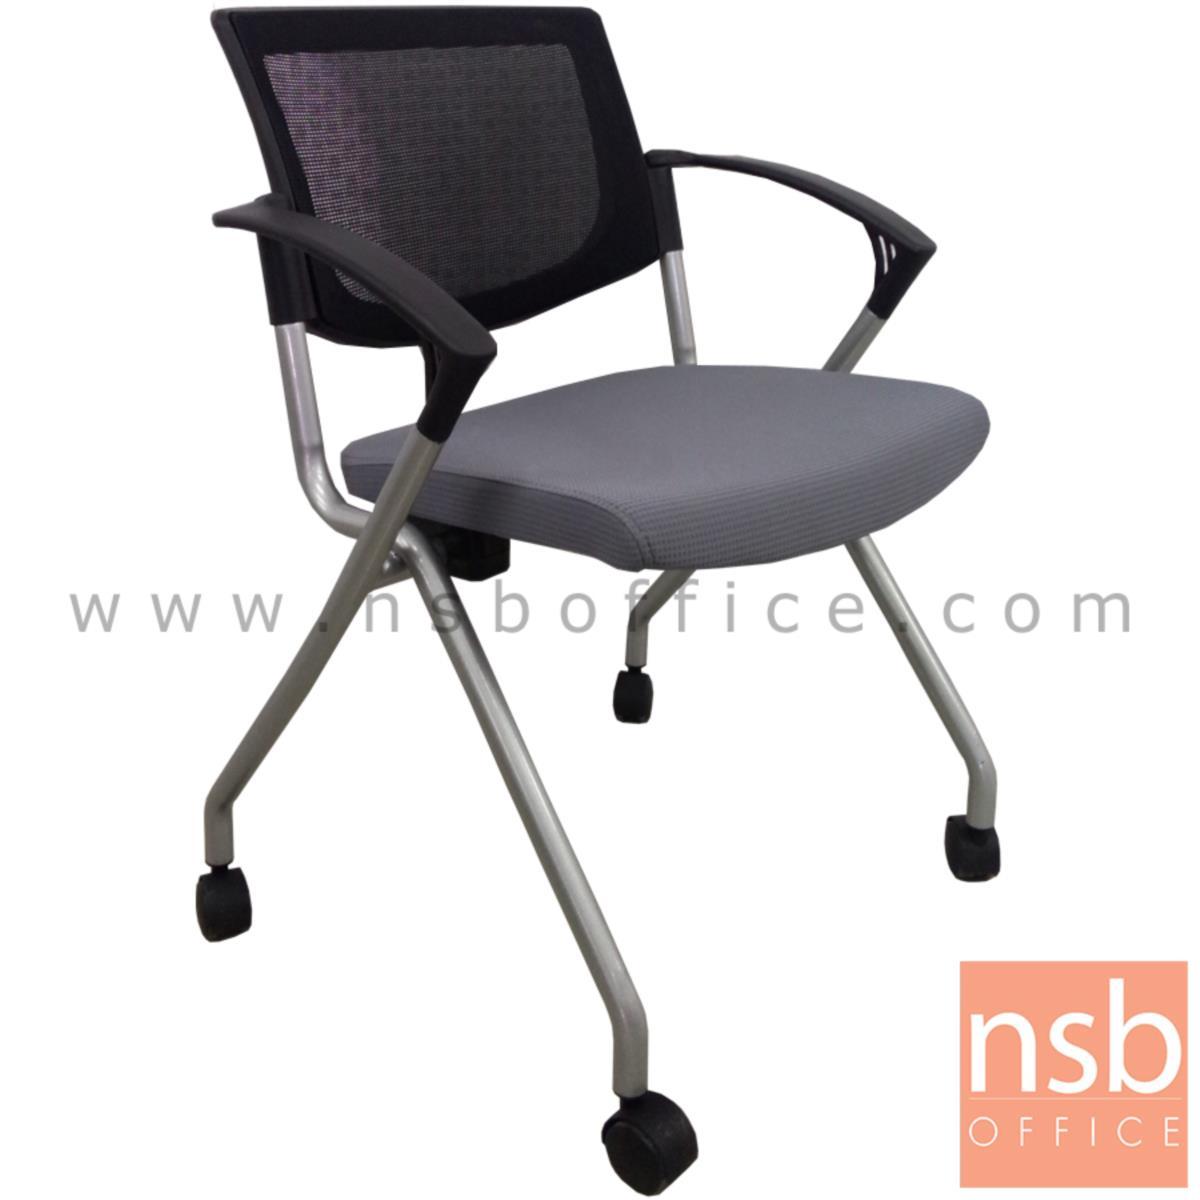 B28A082:เก้าอี้สำนักงานหลังเน็ต รุ่น Waldorf (วอลดอร์ฟ)  ขาเหล็กพ่นสีบรอนซ์